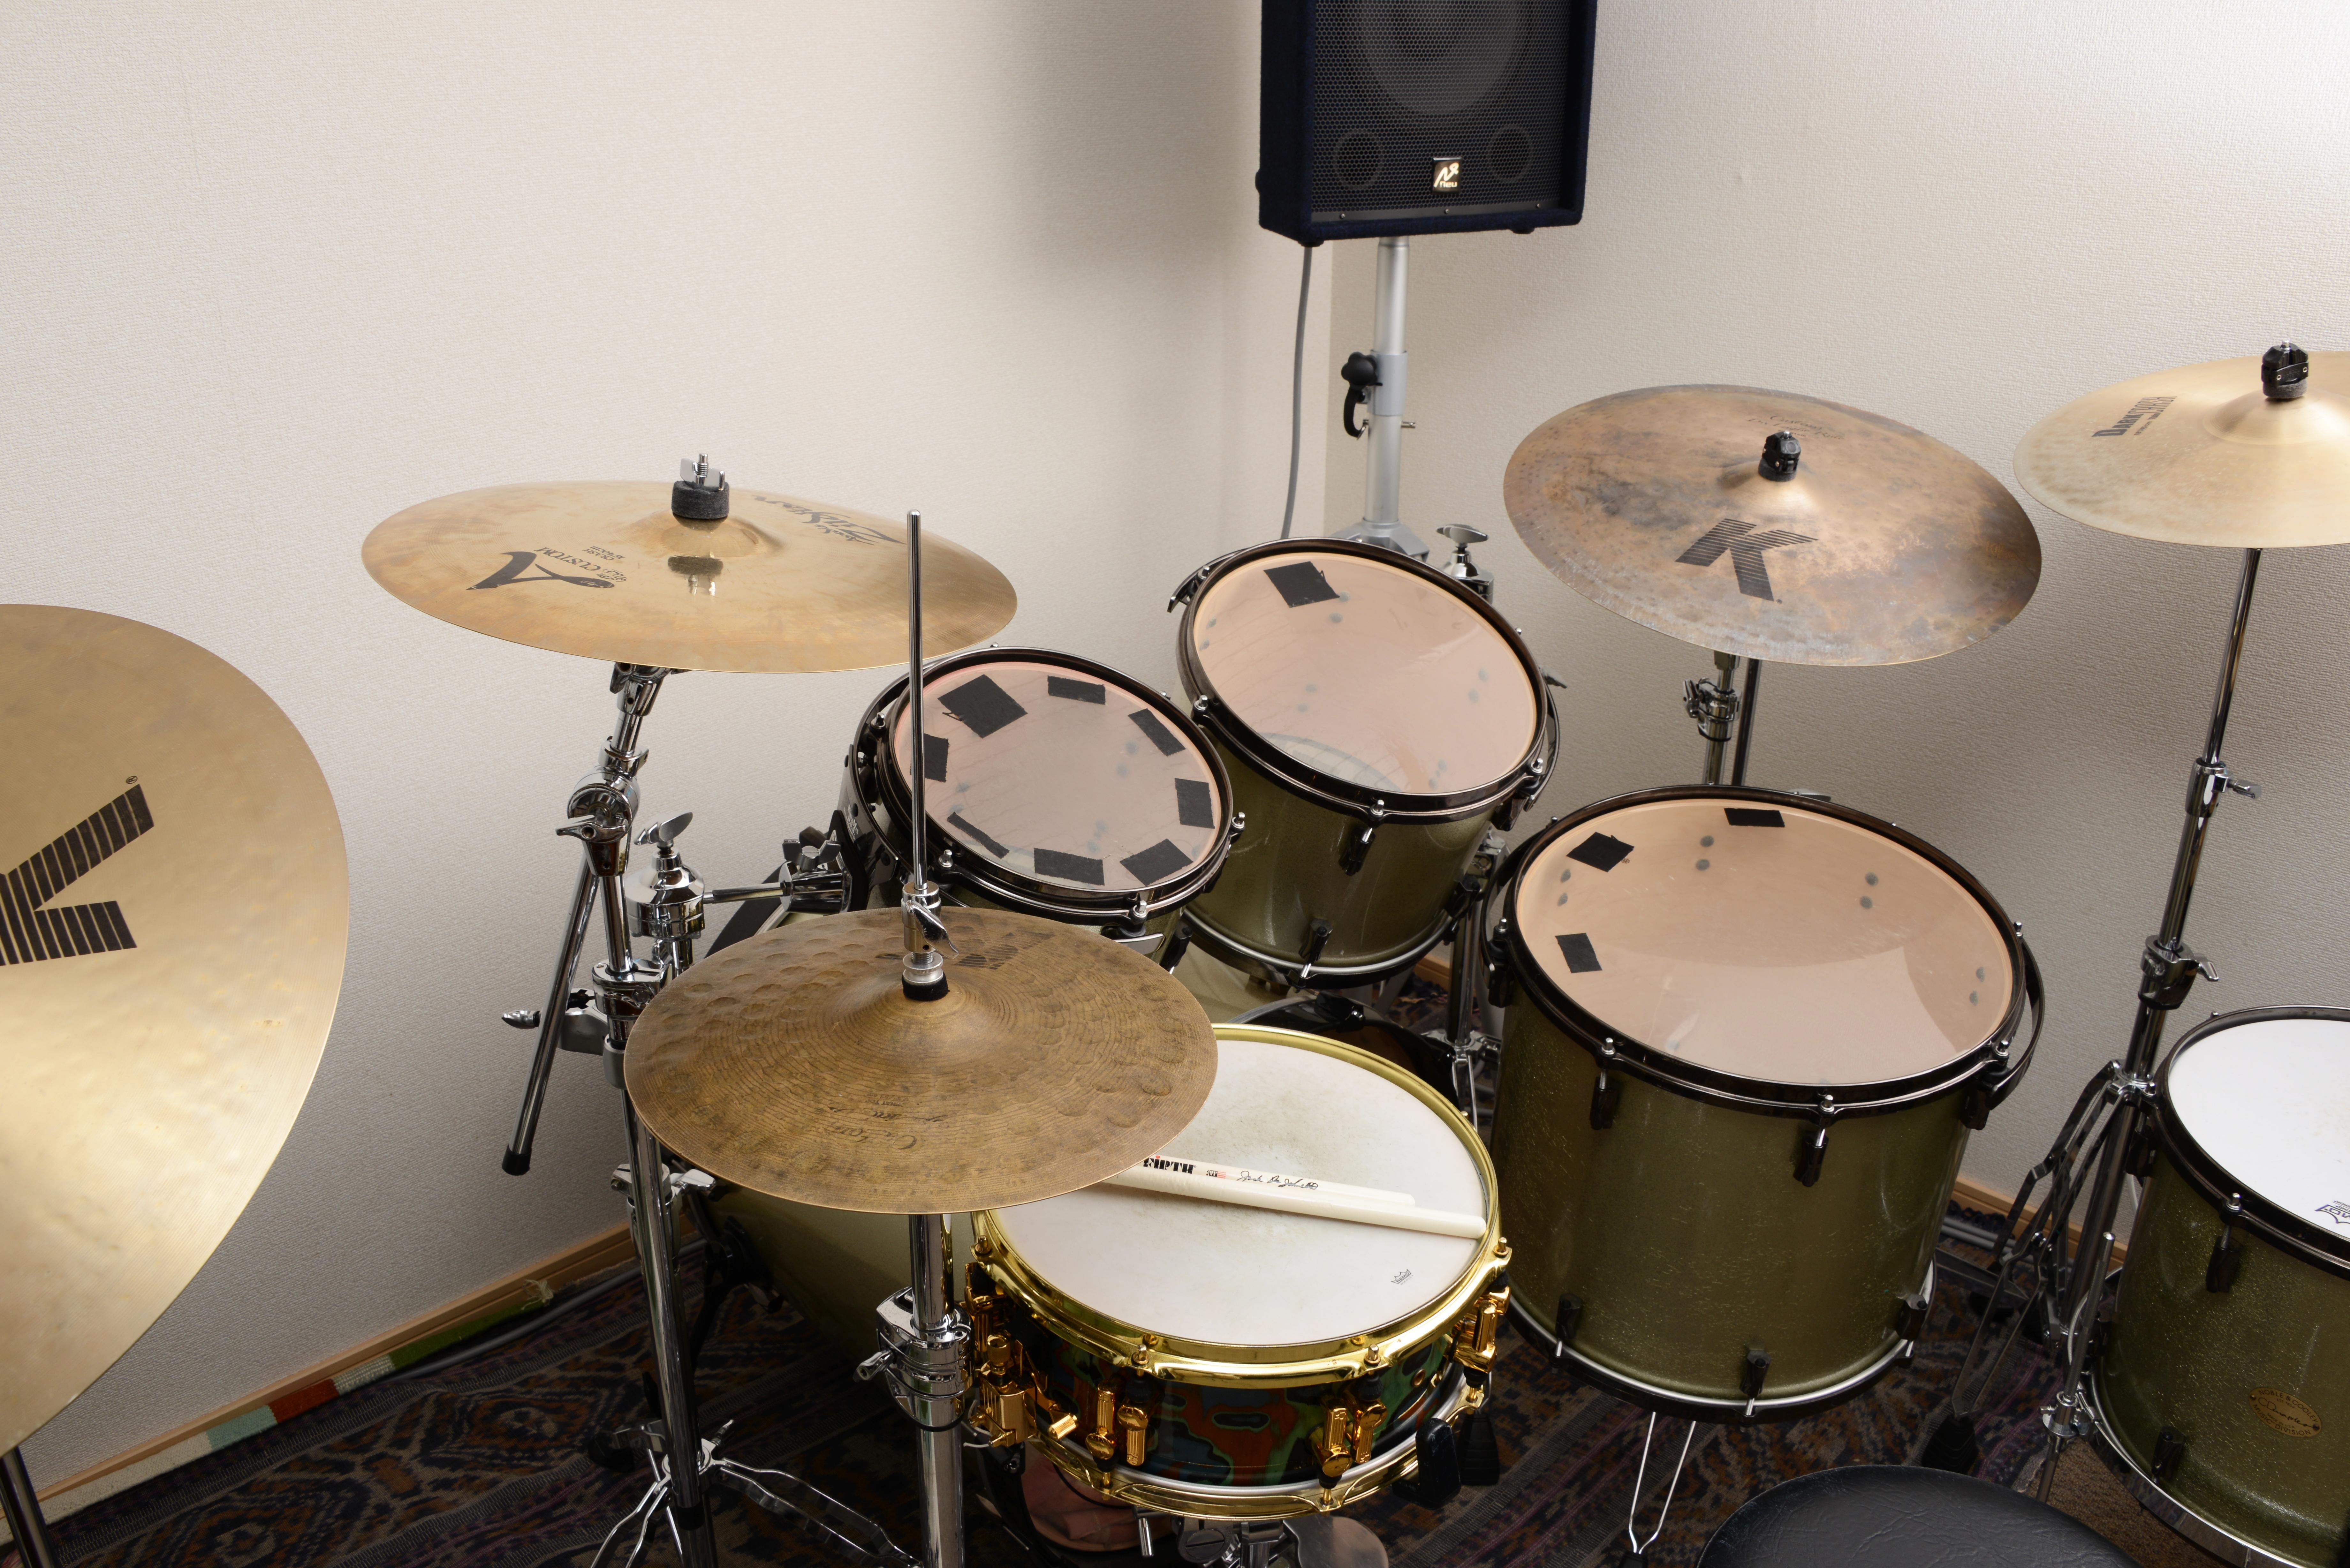 安いドラム教室をならオンラインレッスンがおすすめ!オンラインレッスンの費用